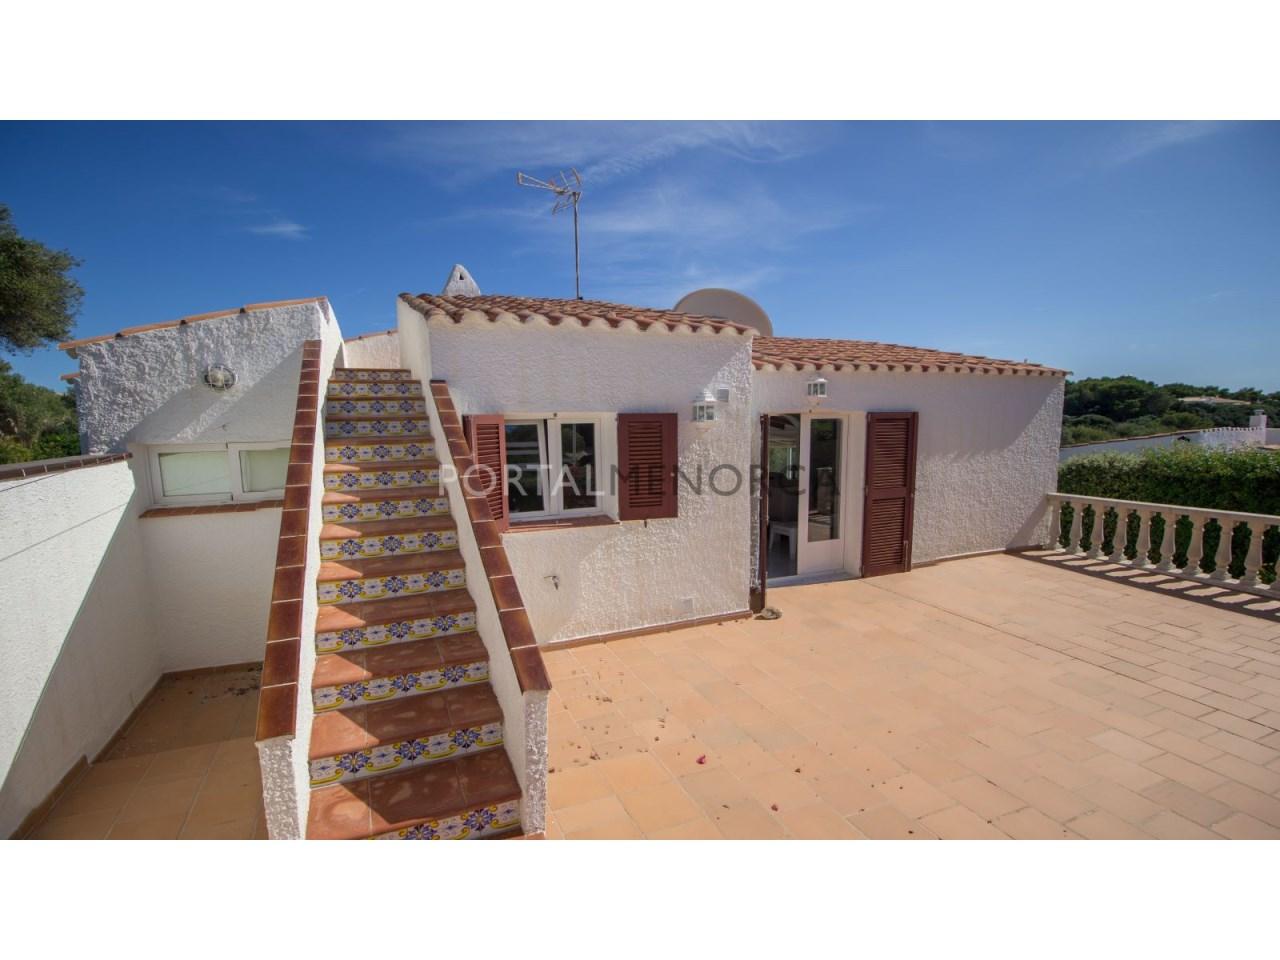 Villa for sale in Menorca next to the sea